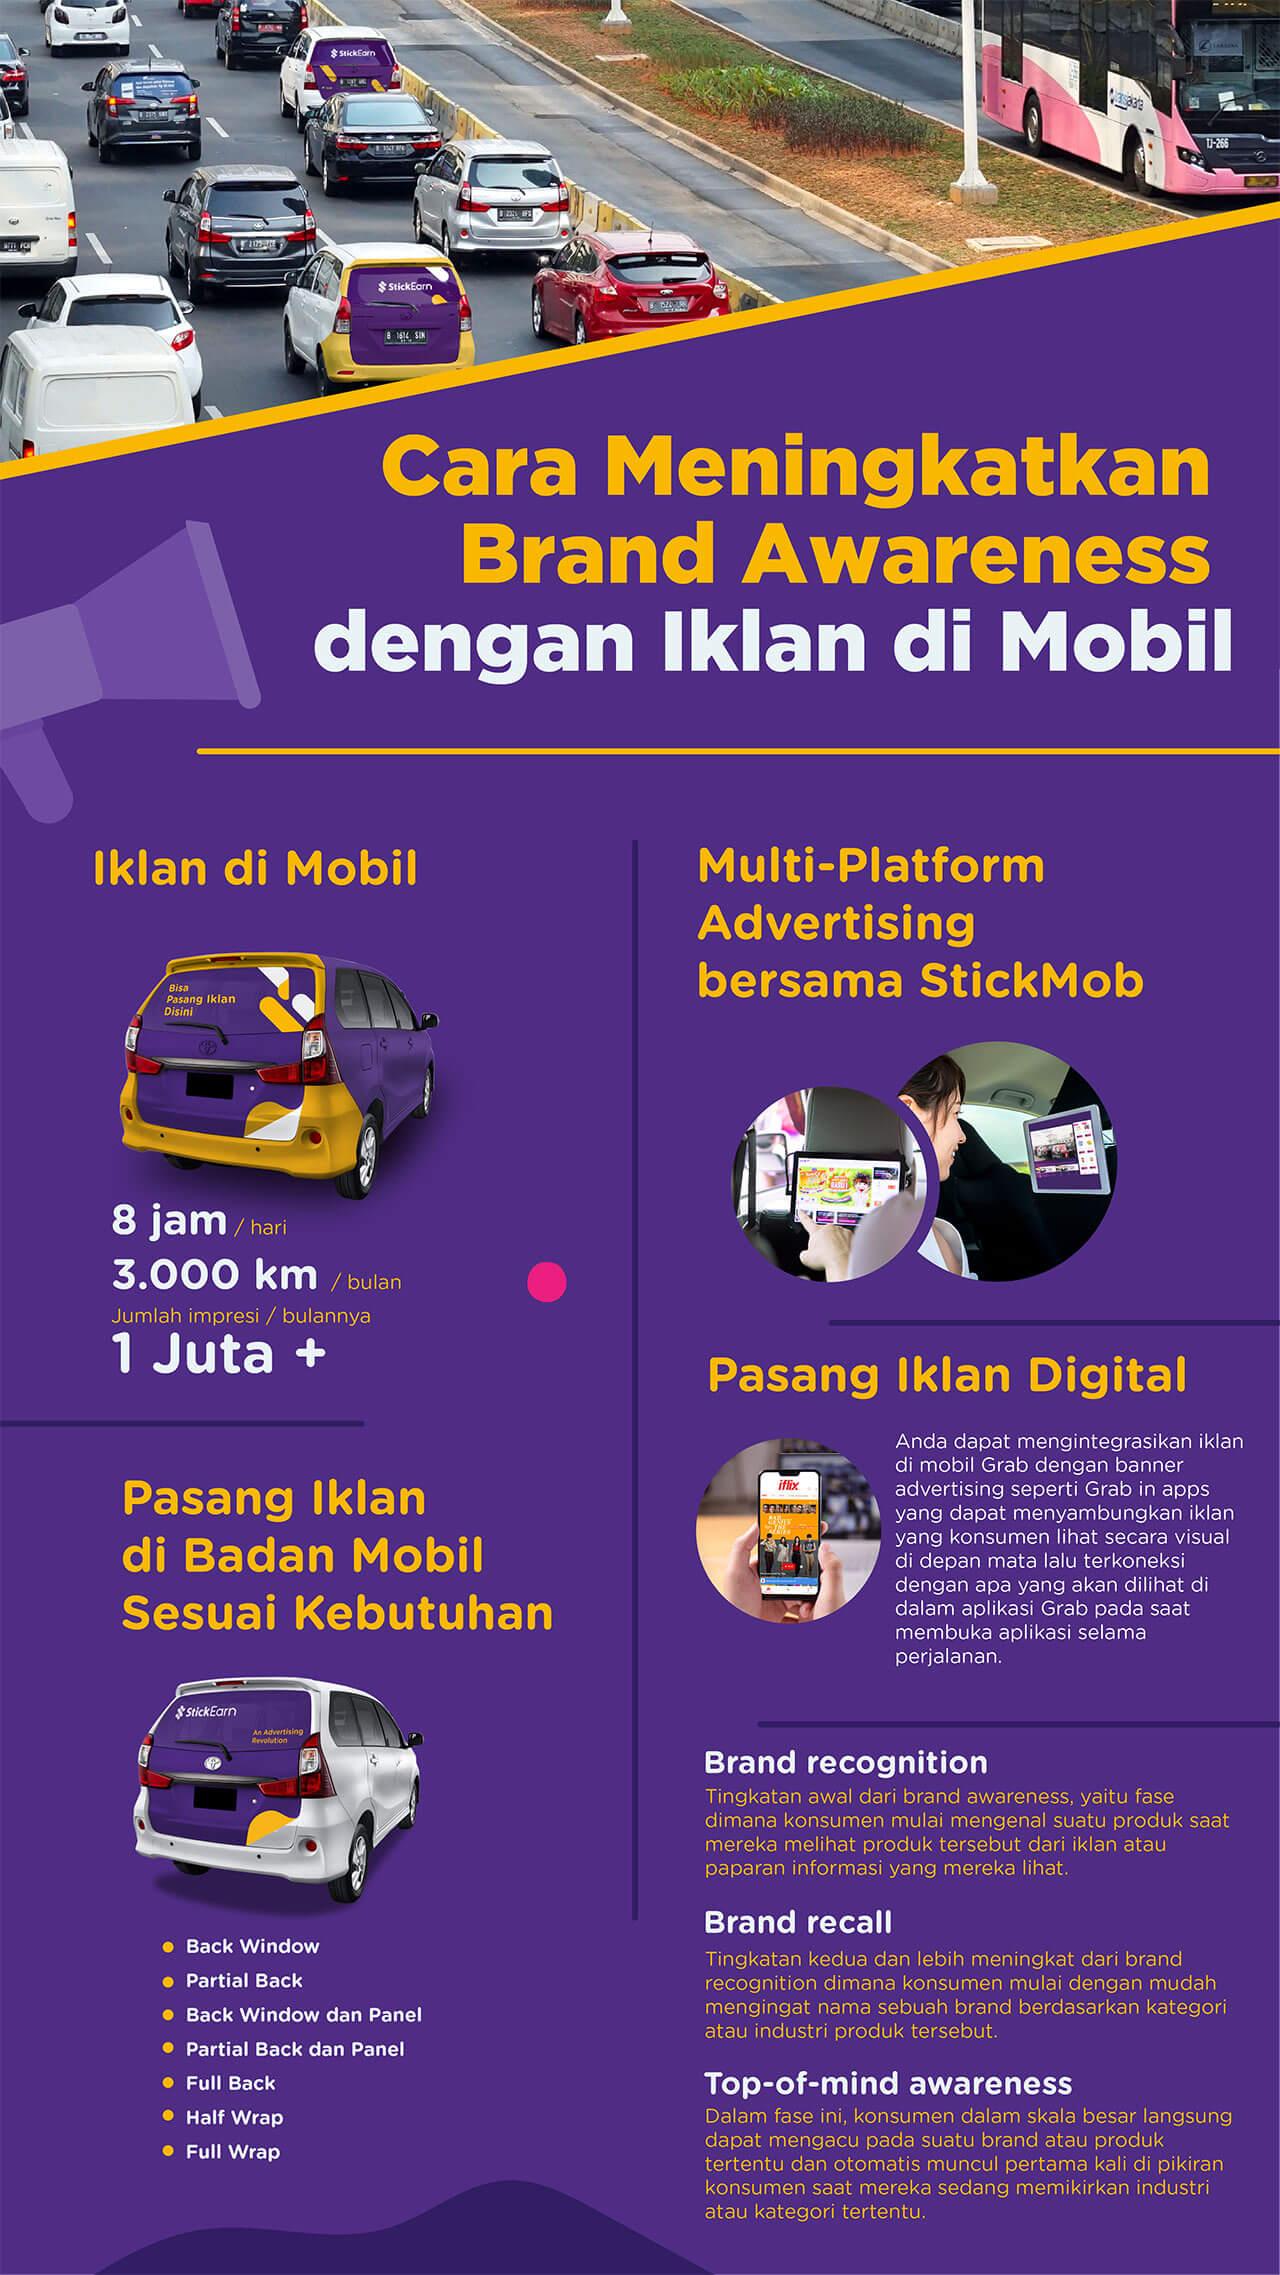 Tingkatkan Brand Awareness dengan Iklan di Mobil